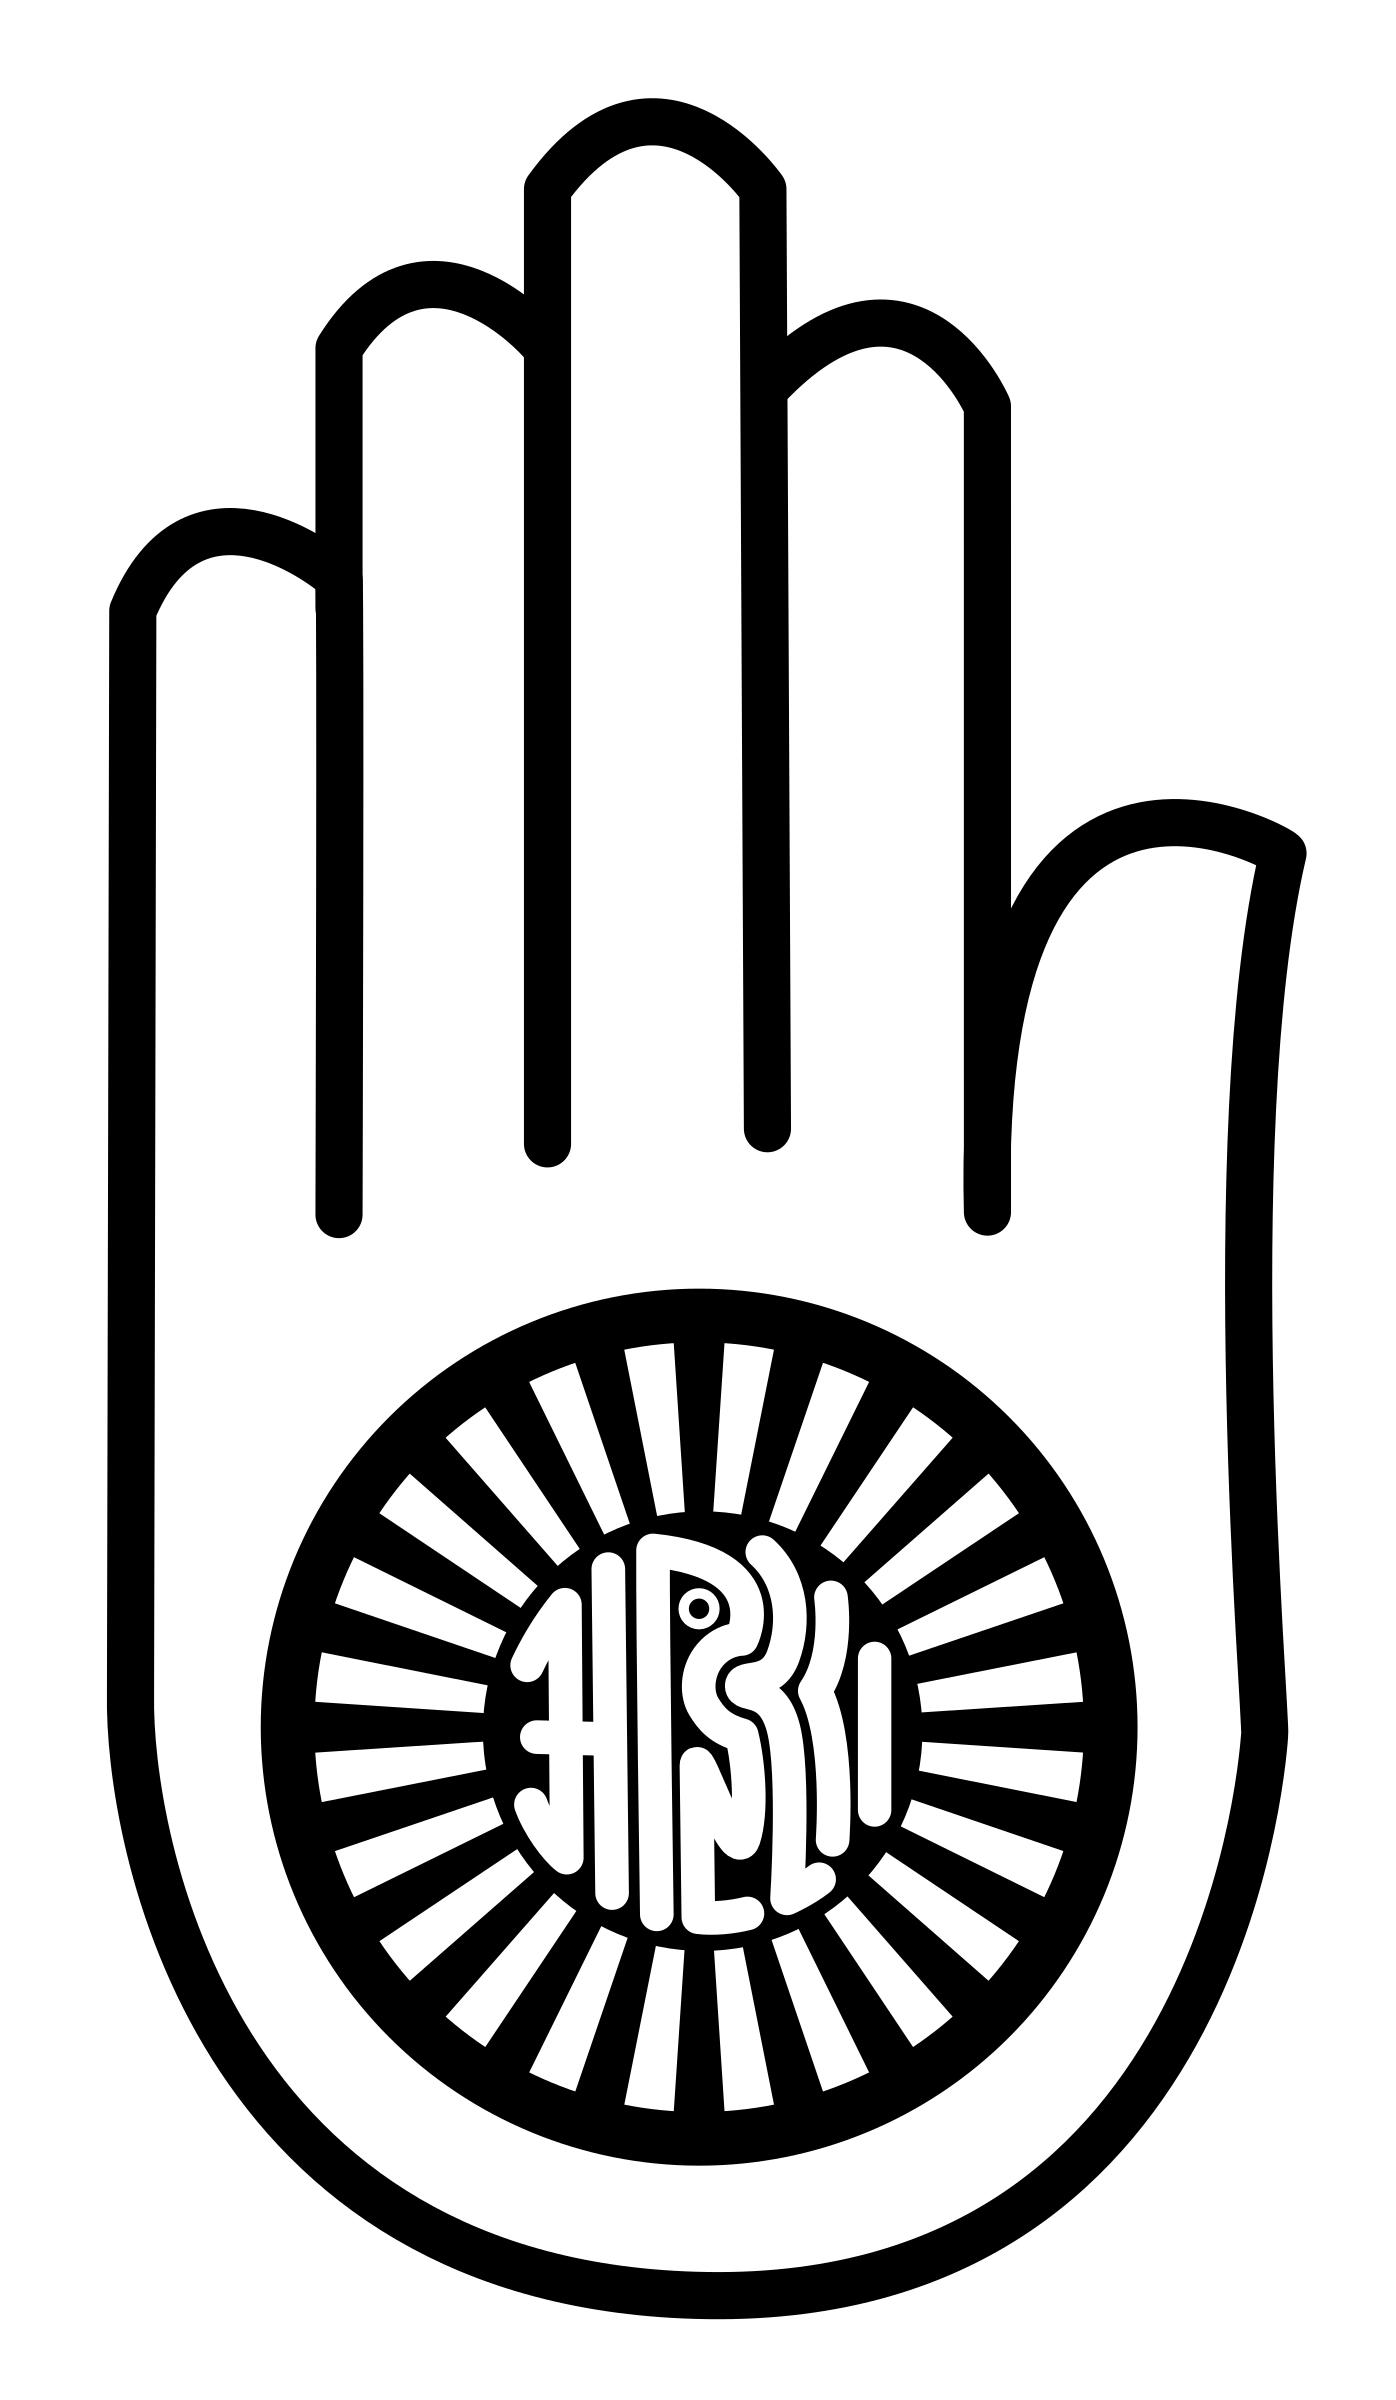 Clipart - Ahimsa - Jainism